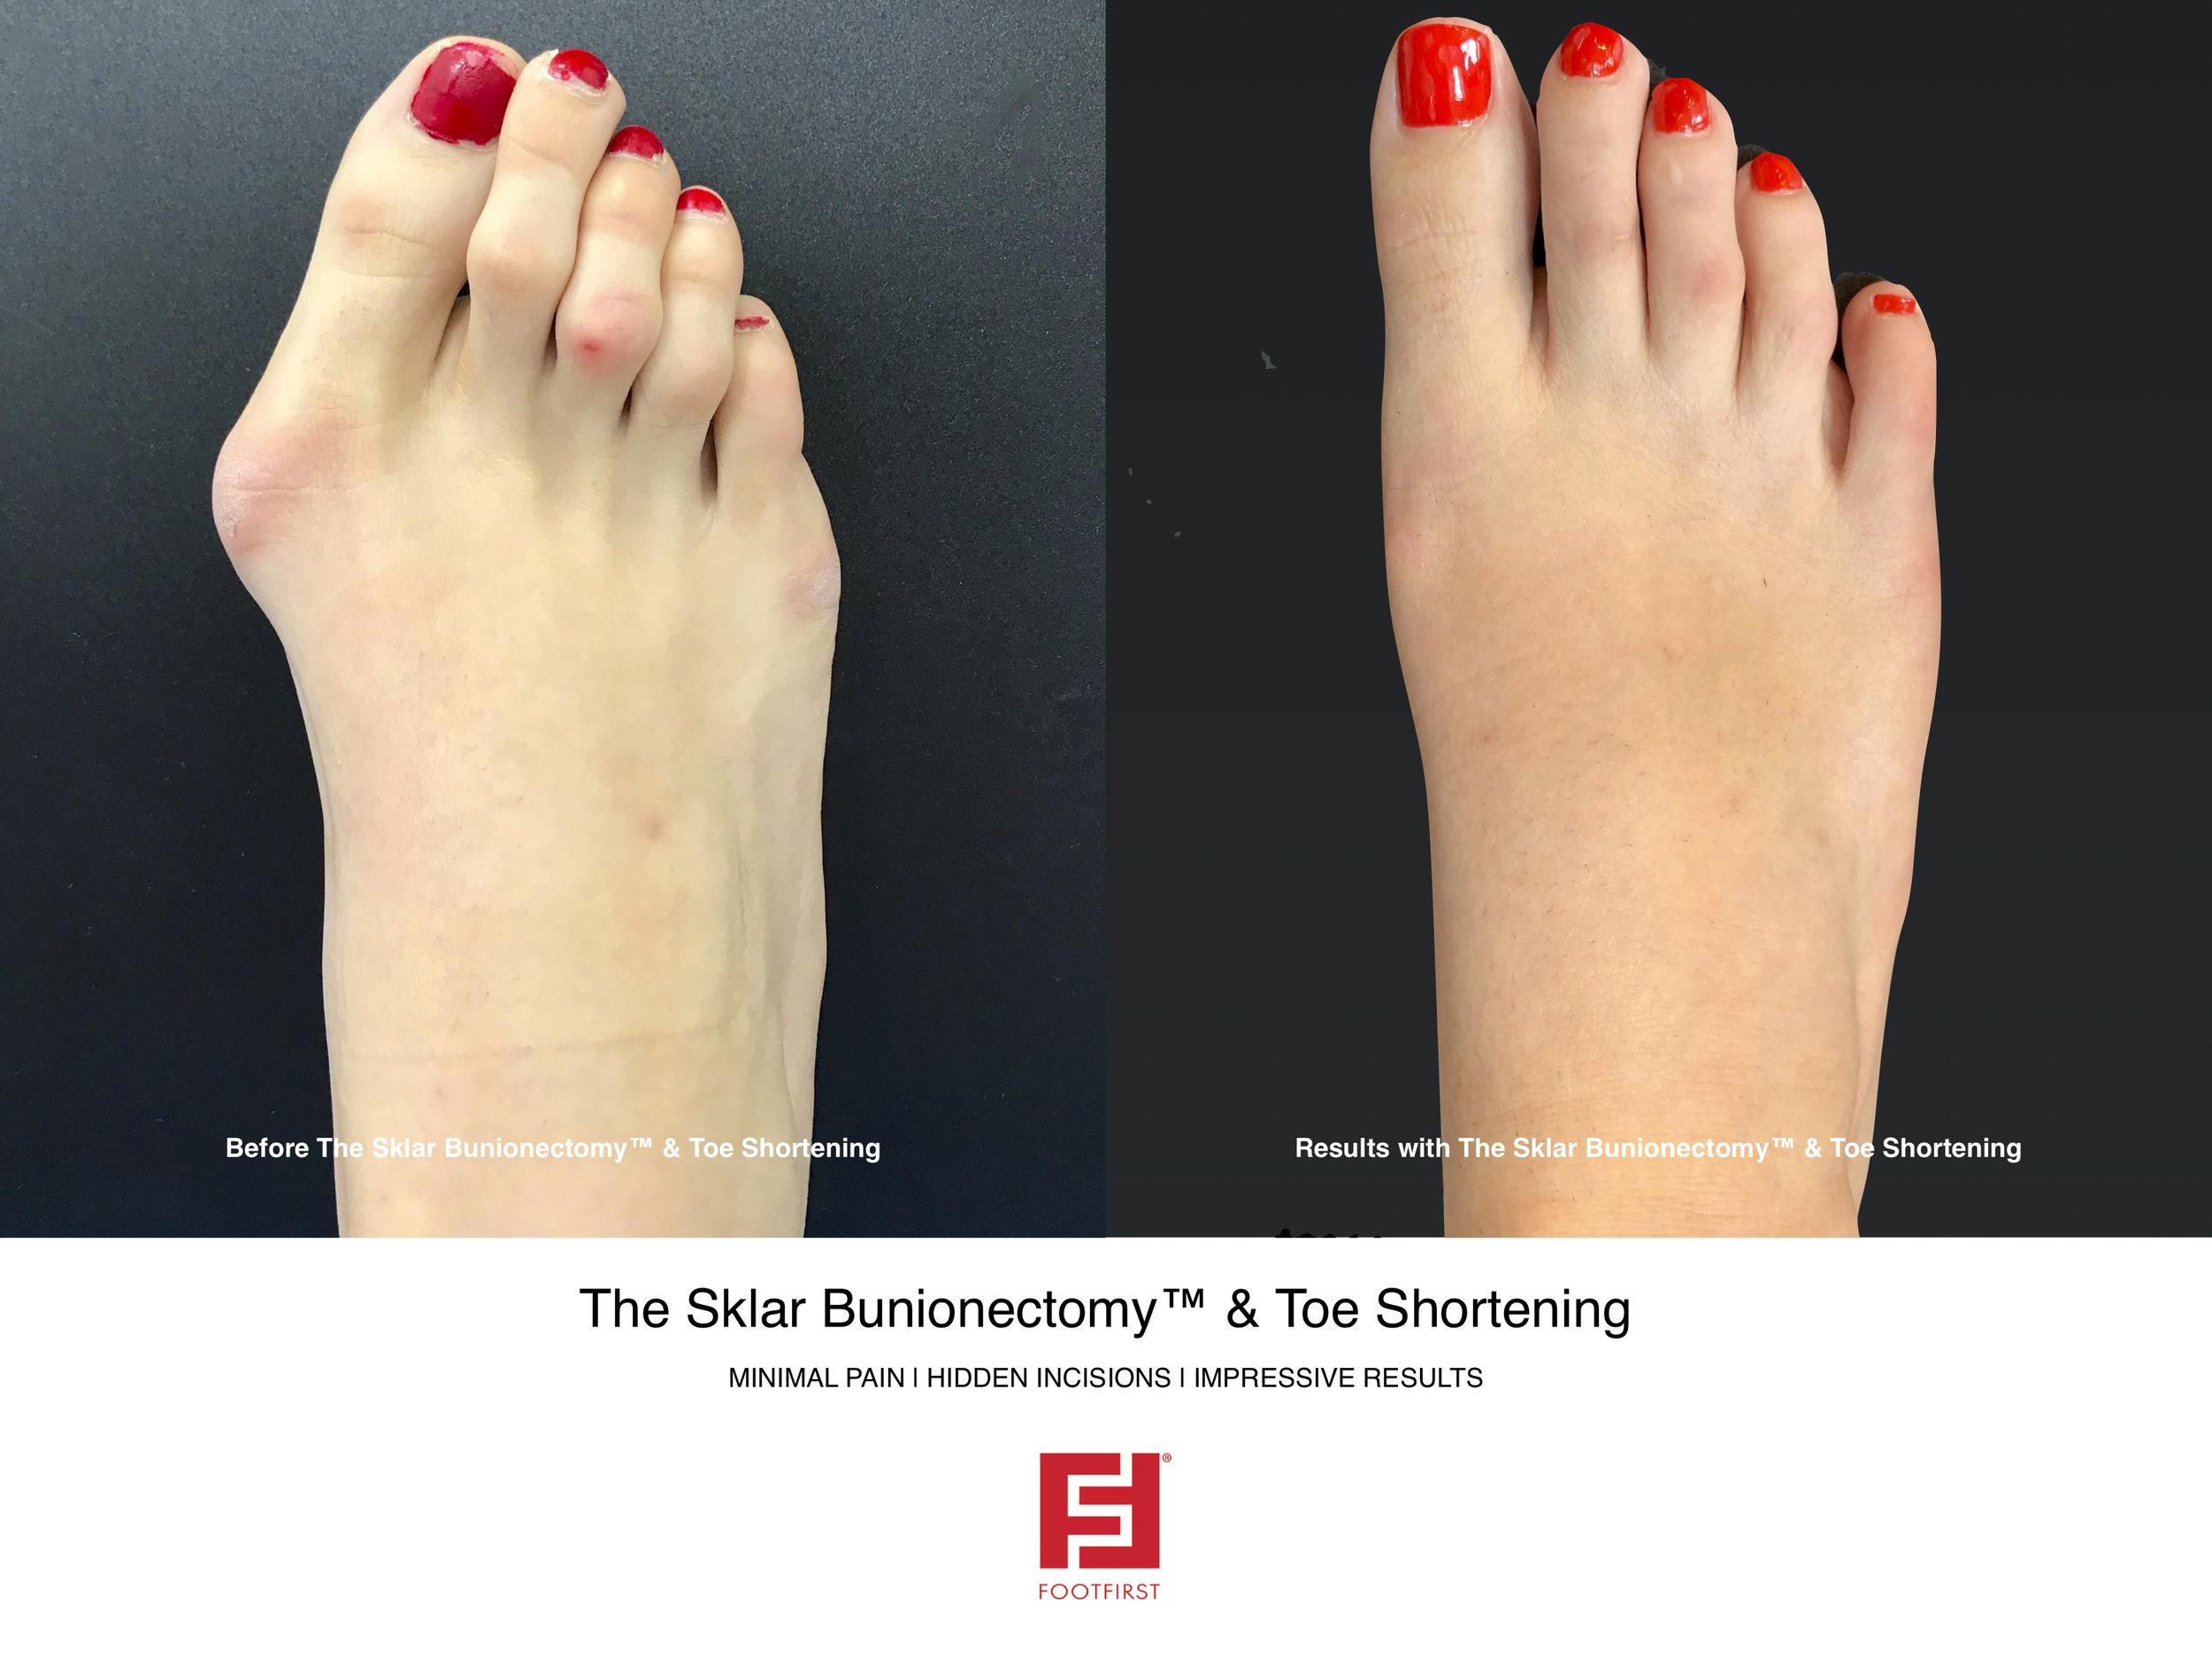 FF | www.footfirst.com - The Sklar Bunionectomy & Toe Shortening 2.jpg